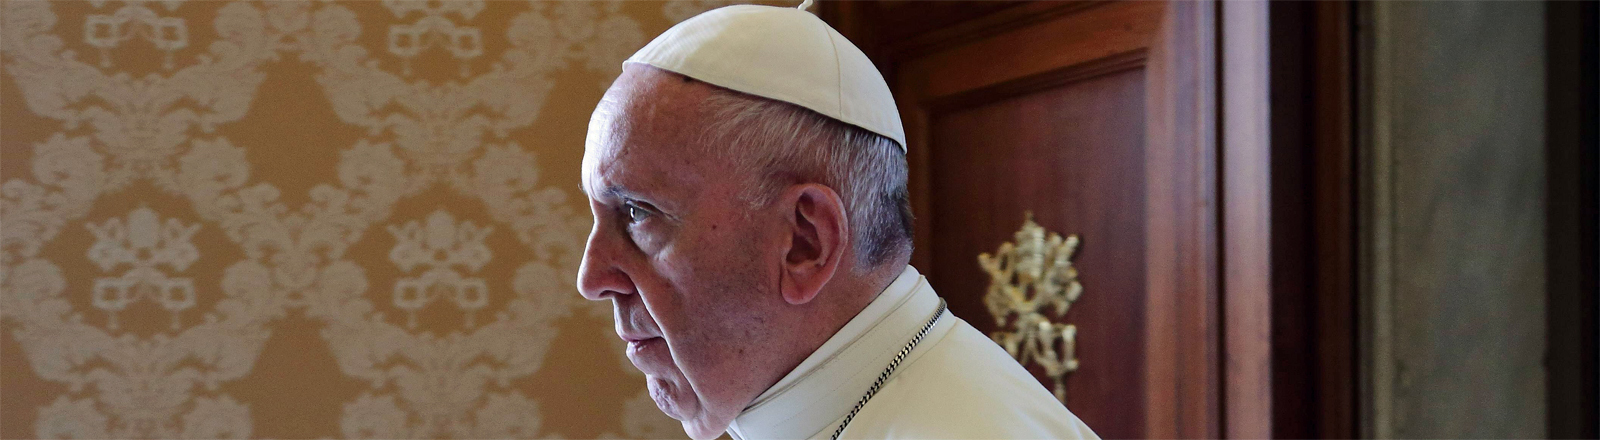 Papst Franziskus bei einem Treffen mit dem Präsidenten von Montenegro am 8. Oktober 2018 im Vatikan